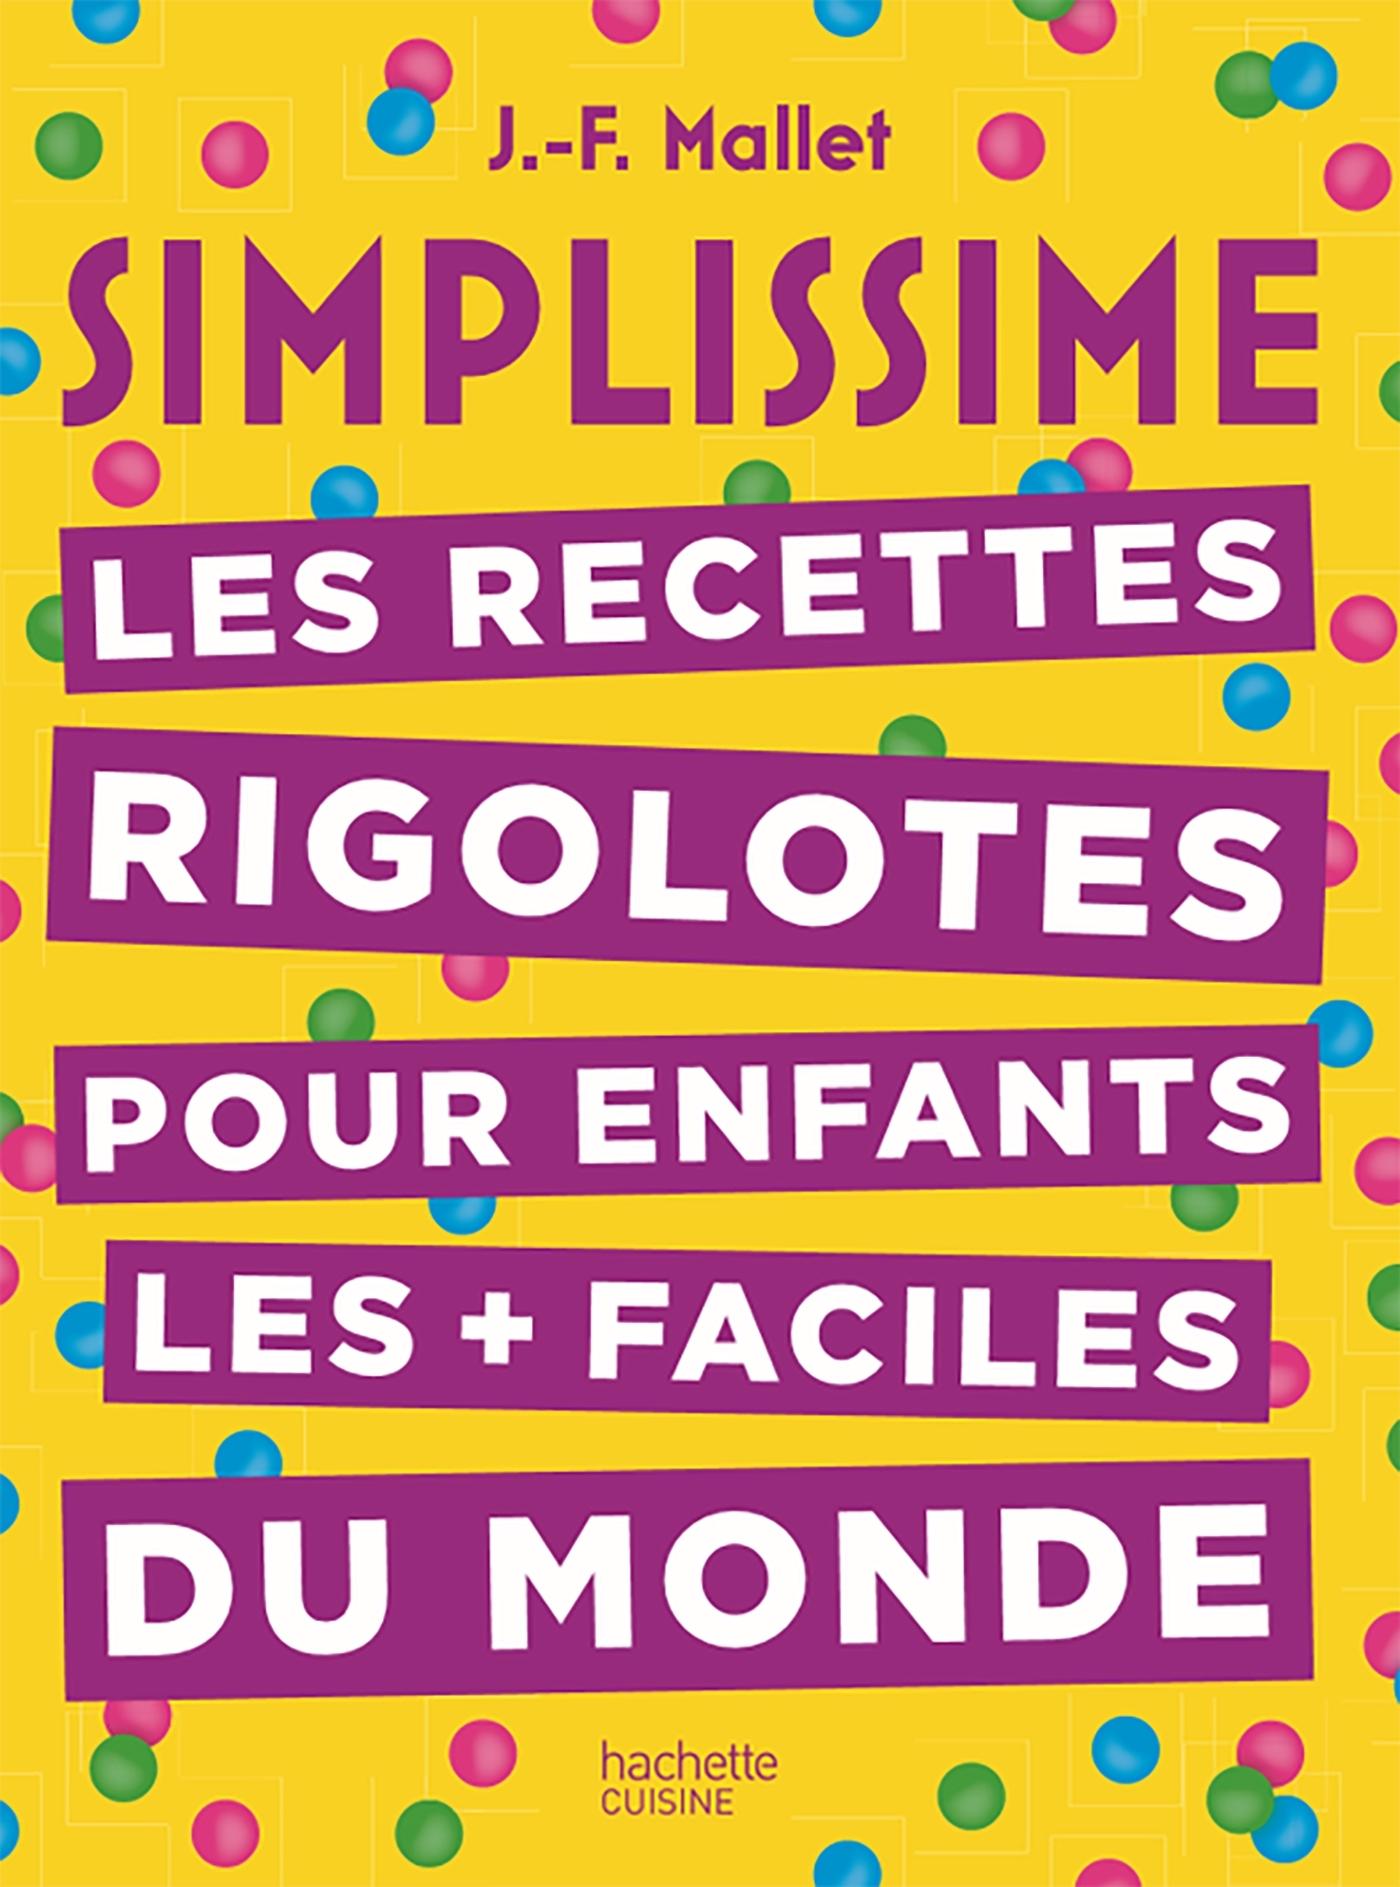 SIMPLISSIME LES RECETTES RIGOLOTES POUR LES ENFANTS